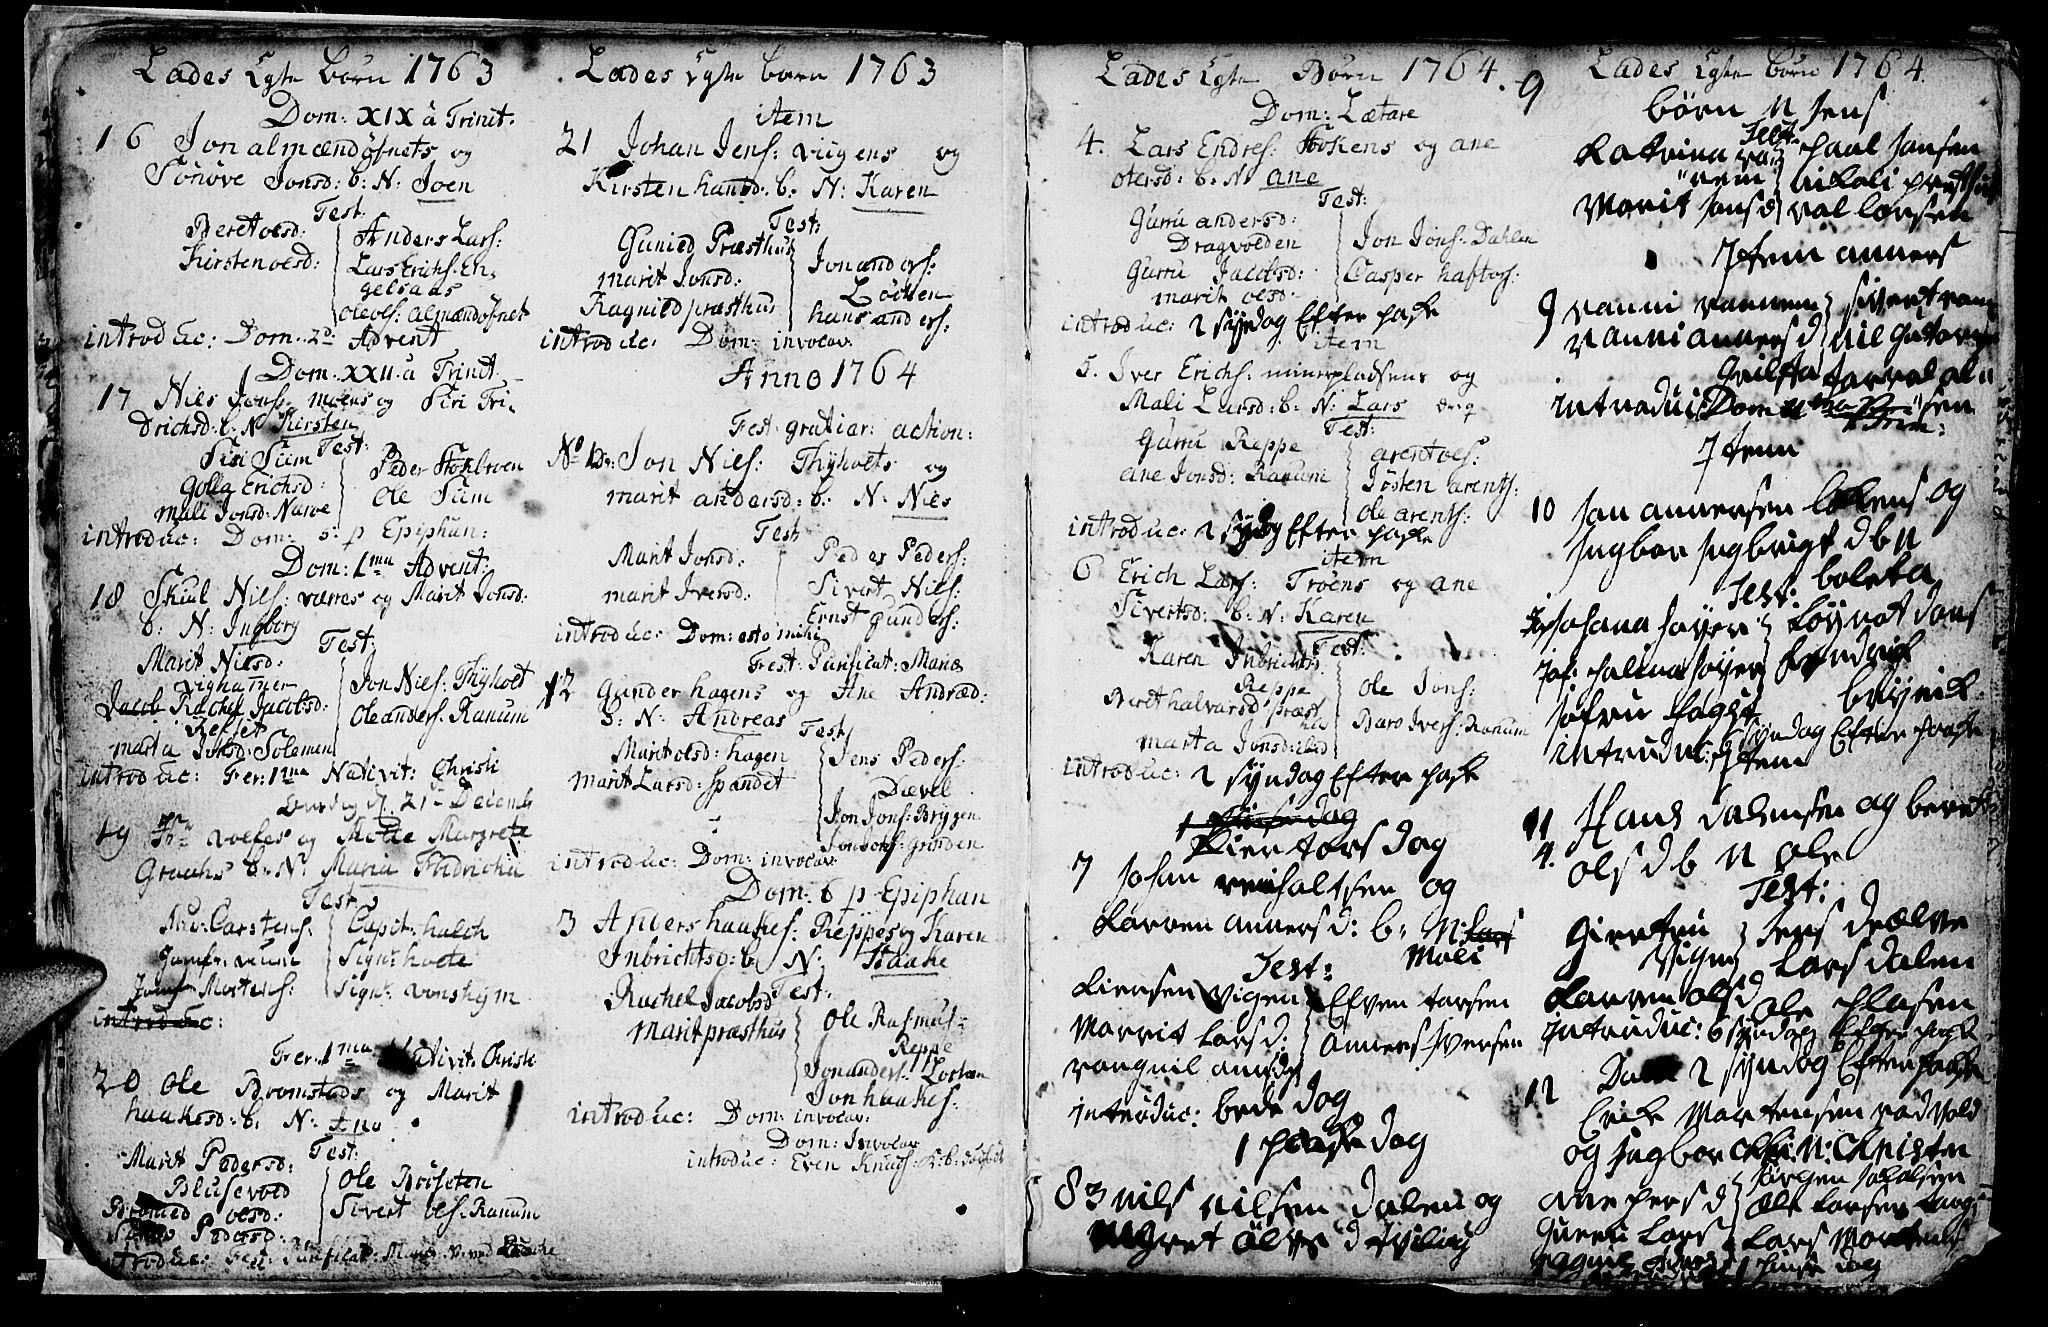 SAT, Ministerialprotokoller, klokkerbøker og fødselsregistre - Sør-Trøndelag, 606/L0305: Klokkerbok nr. 606C01, 1757-1819, s. 9